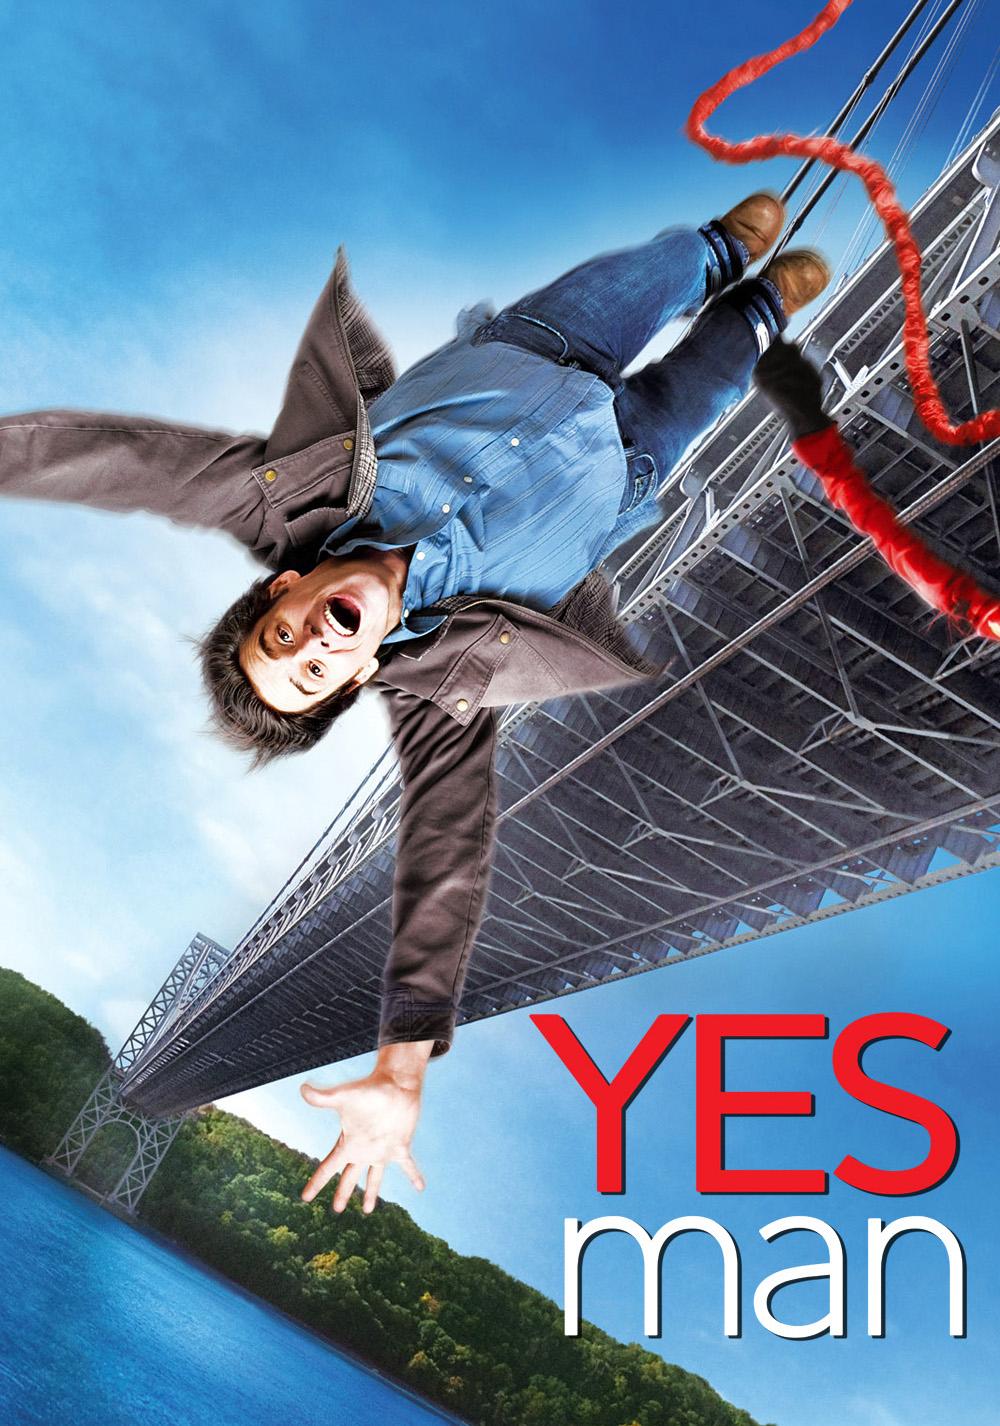 Download Film Yes Man 2008